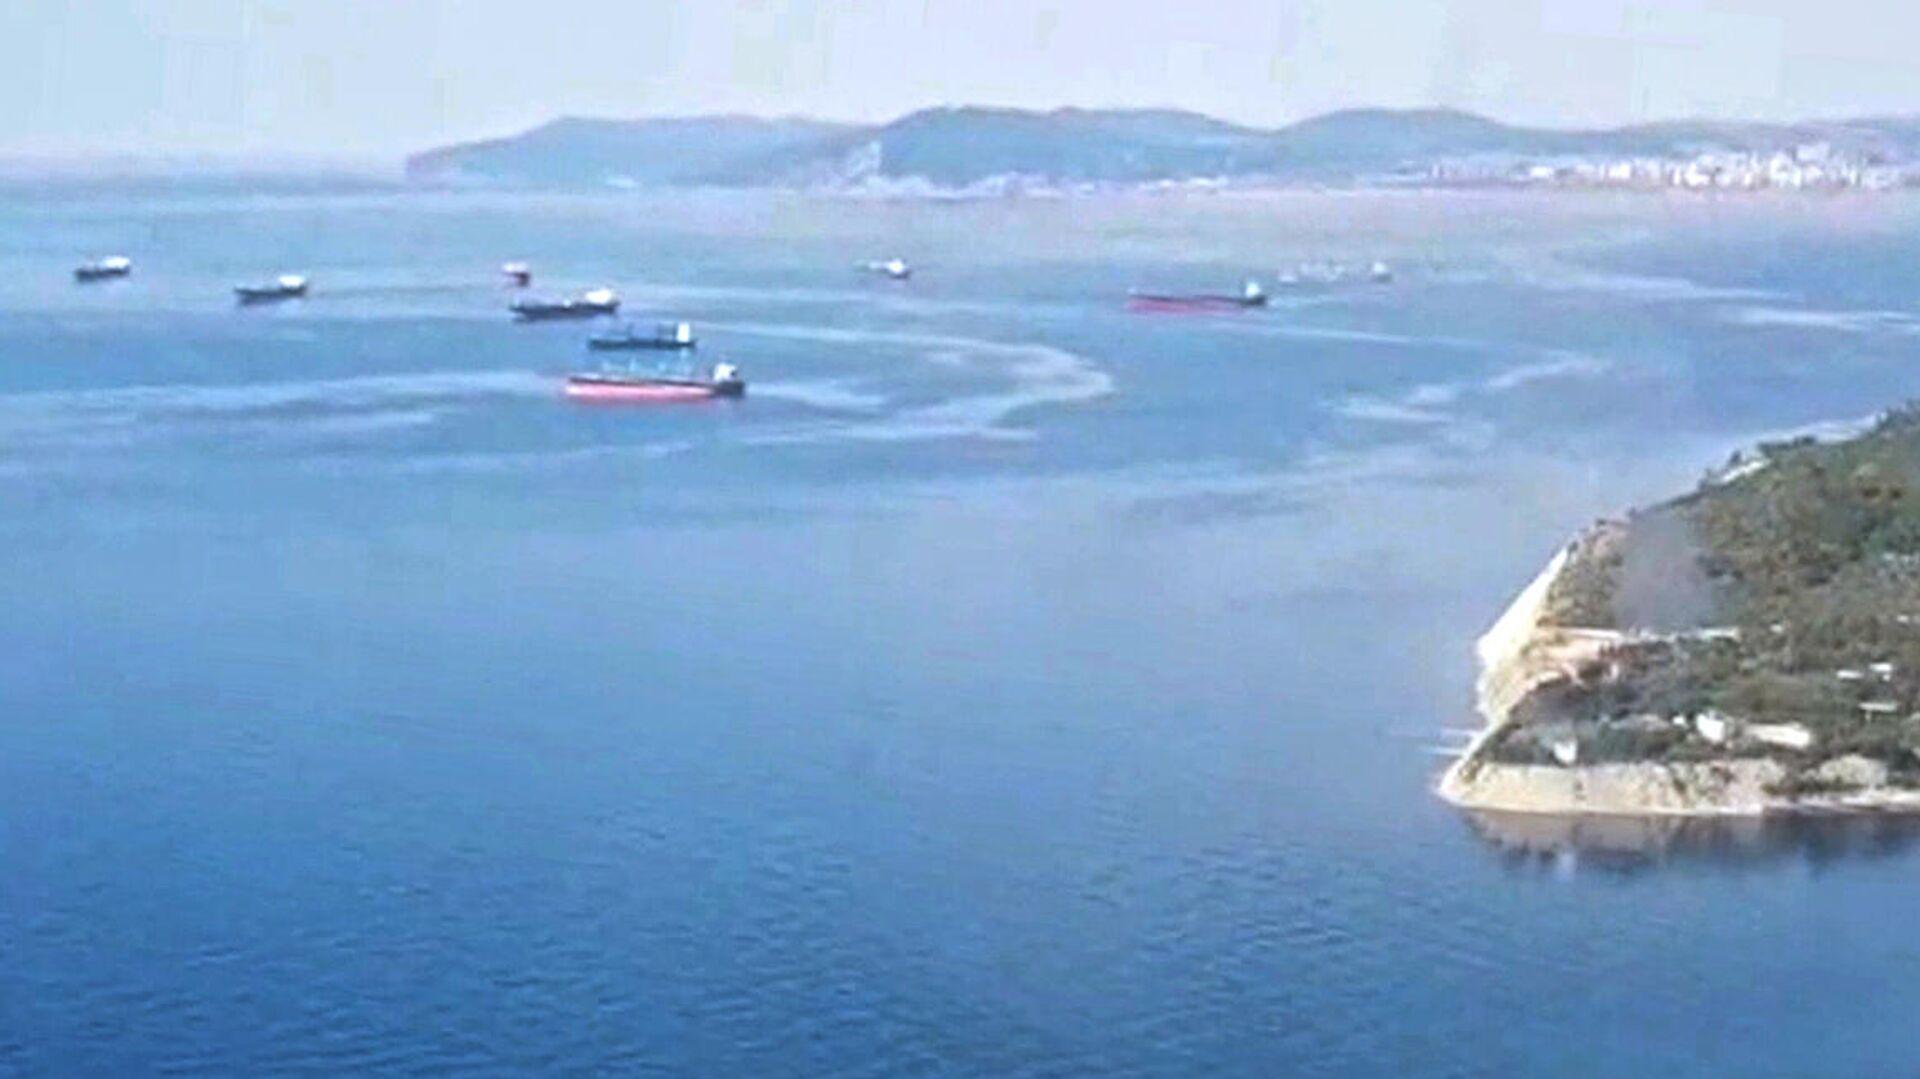 Поиск пропавших матросов с помощью 2 вертолетов МИ-8 в Азовском море, где находится танкер Генерал Ази Асланов - РИА Новости, 1920, 26.10.2020